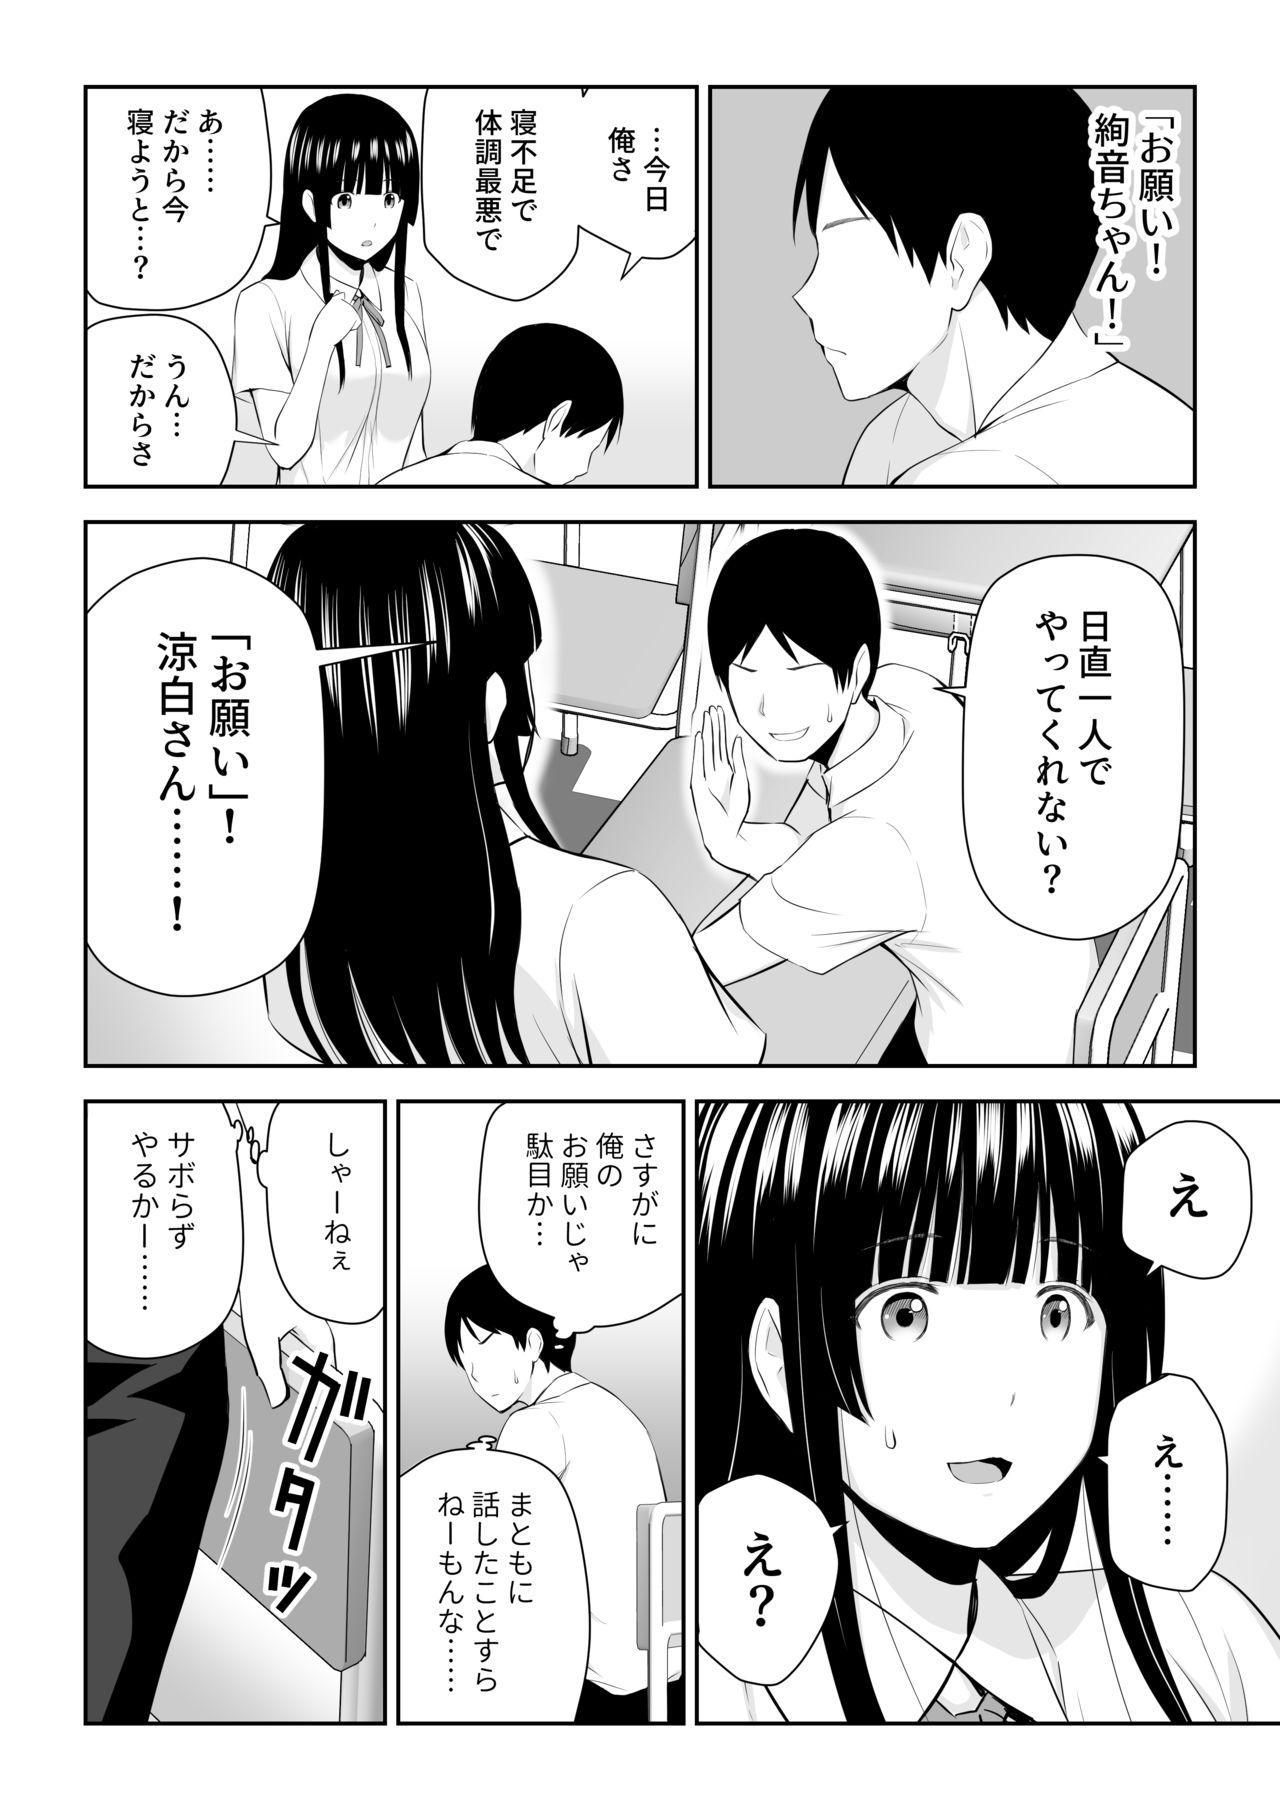 Suzushiro-san wa Onegai ni Yowai 6